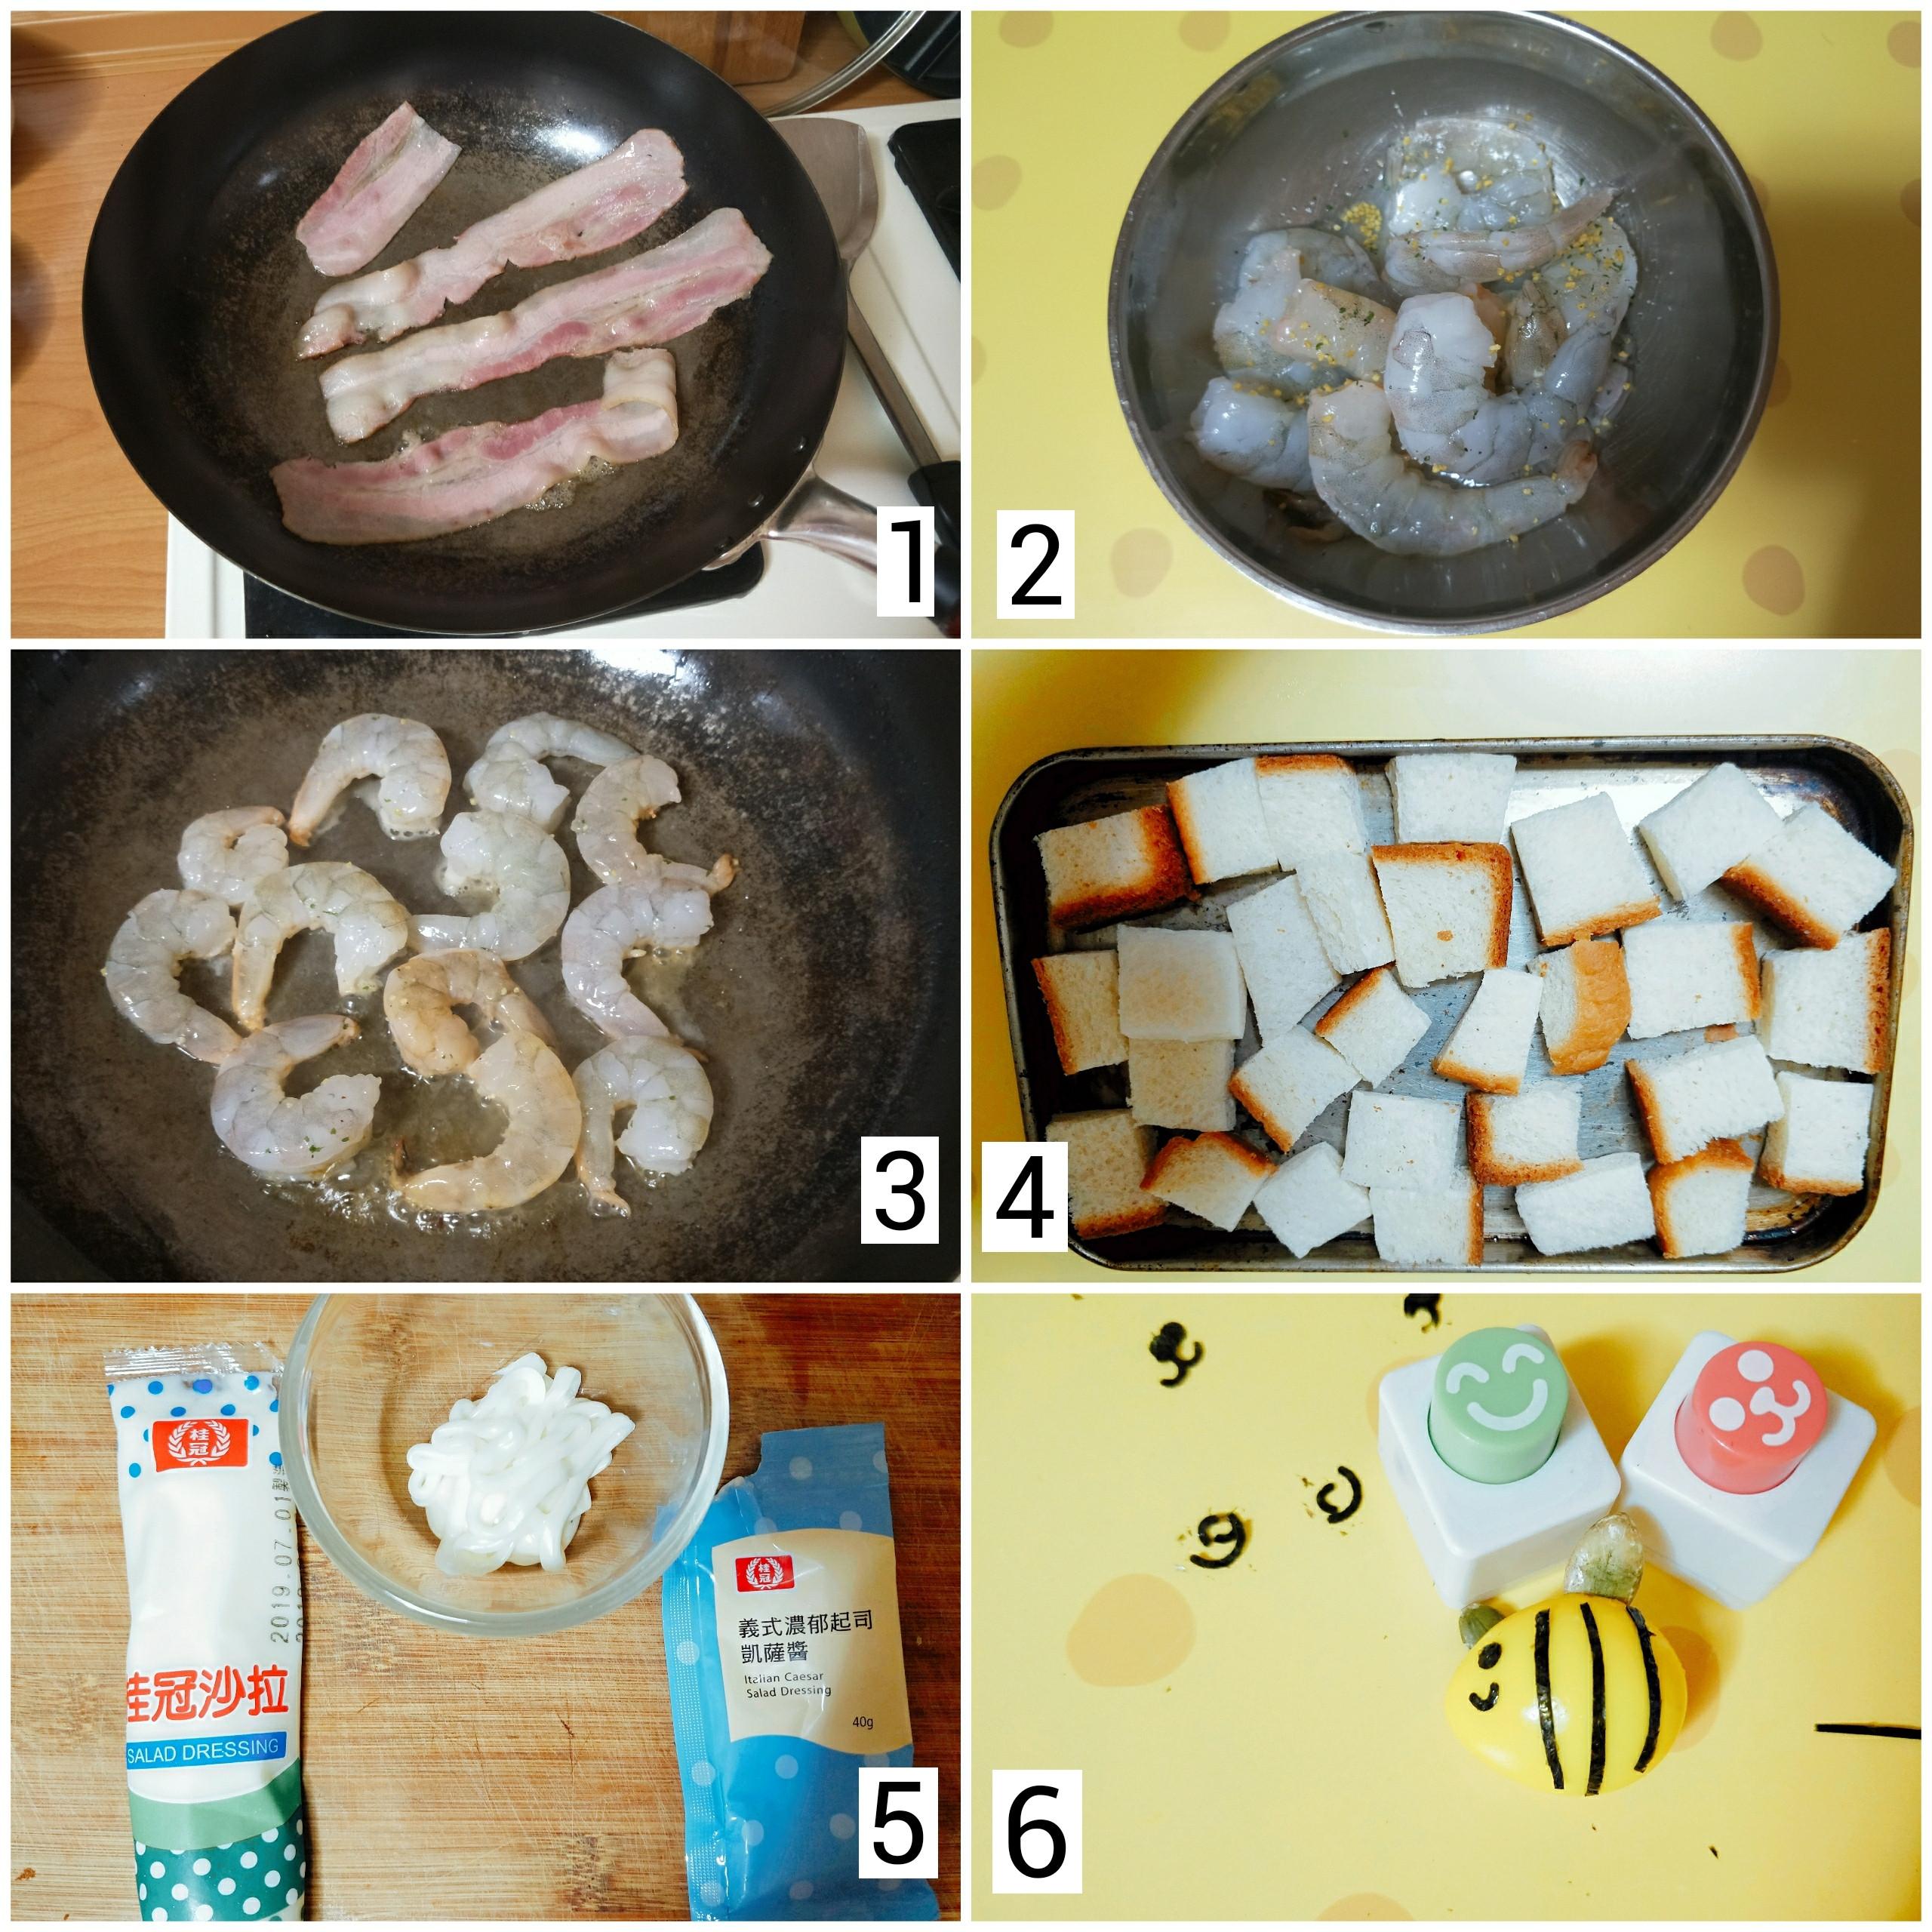 一週風味早餐就醬拌【桂冠風味沙拉開箱文】的第 2 張圖片